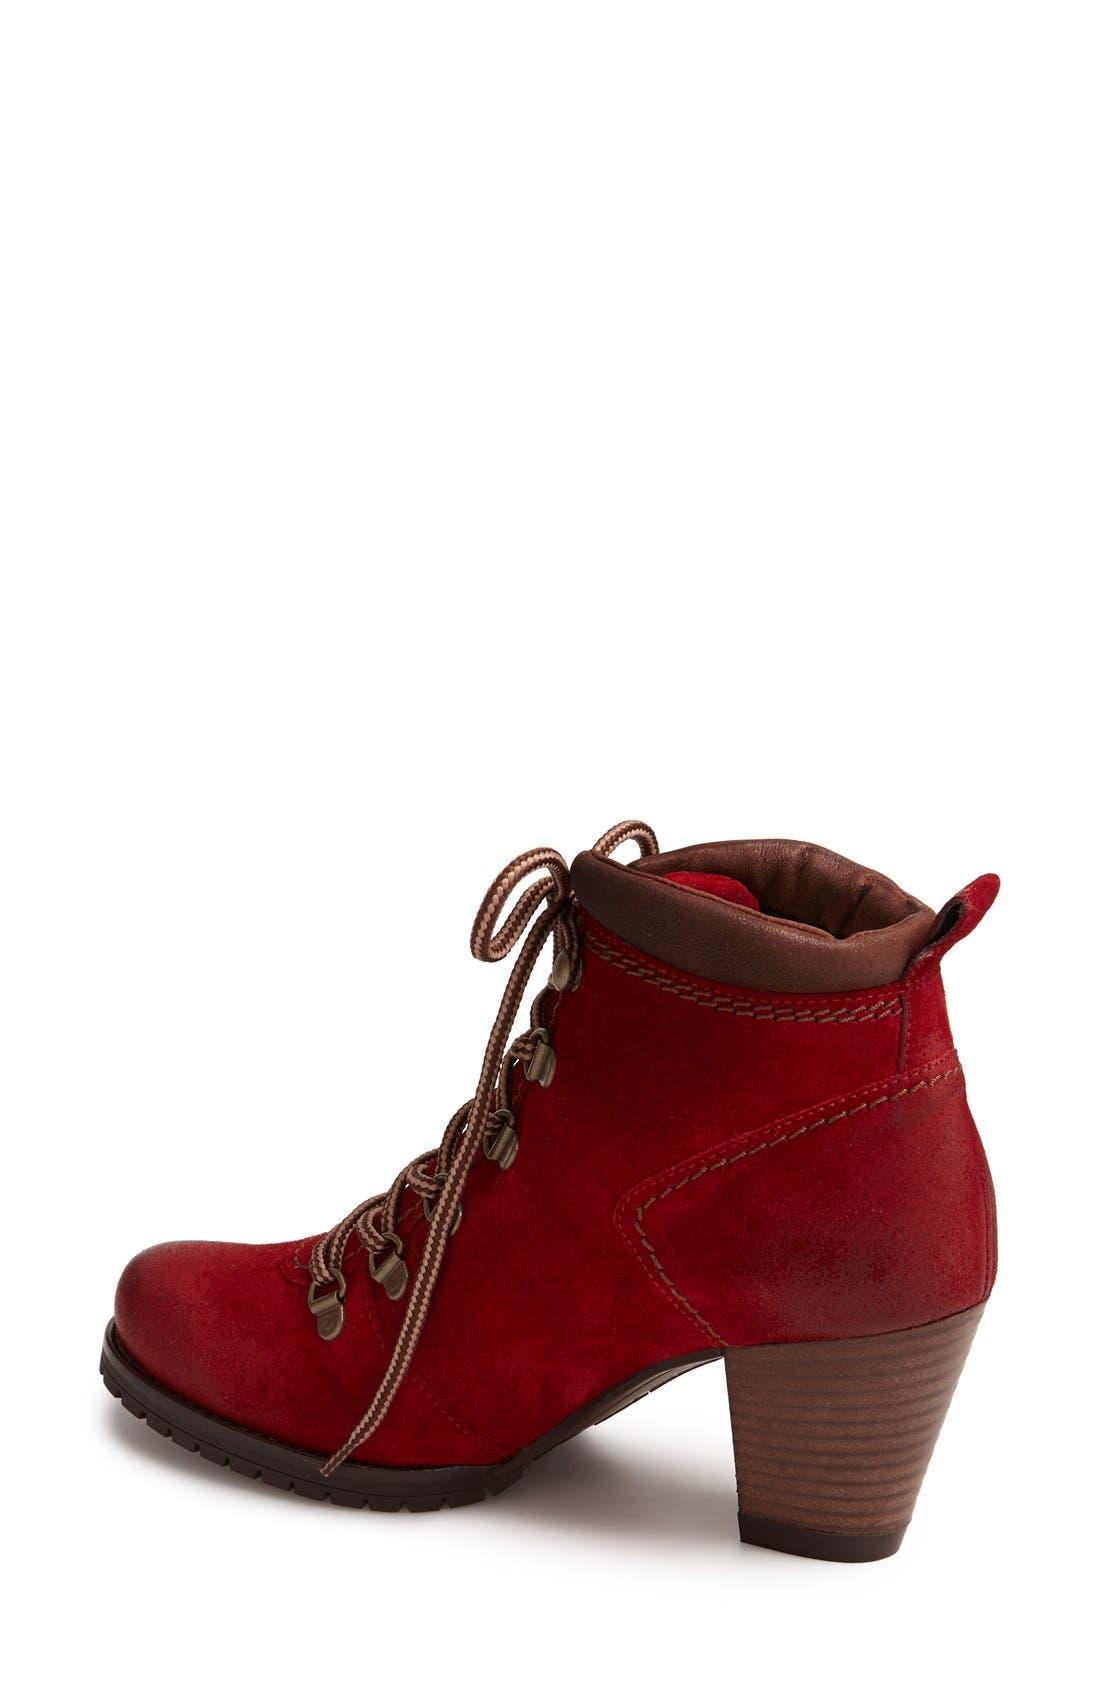 Alternate Image 2  - Paul Green 'Boise' Leather Bootie (Women)